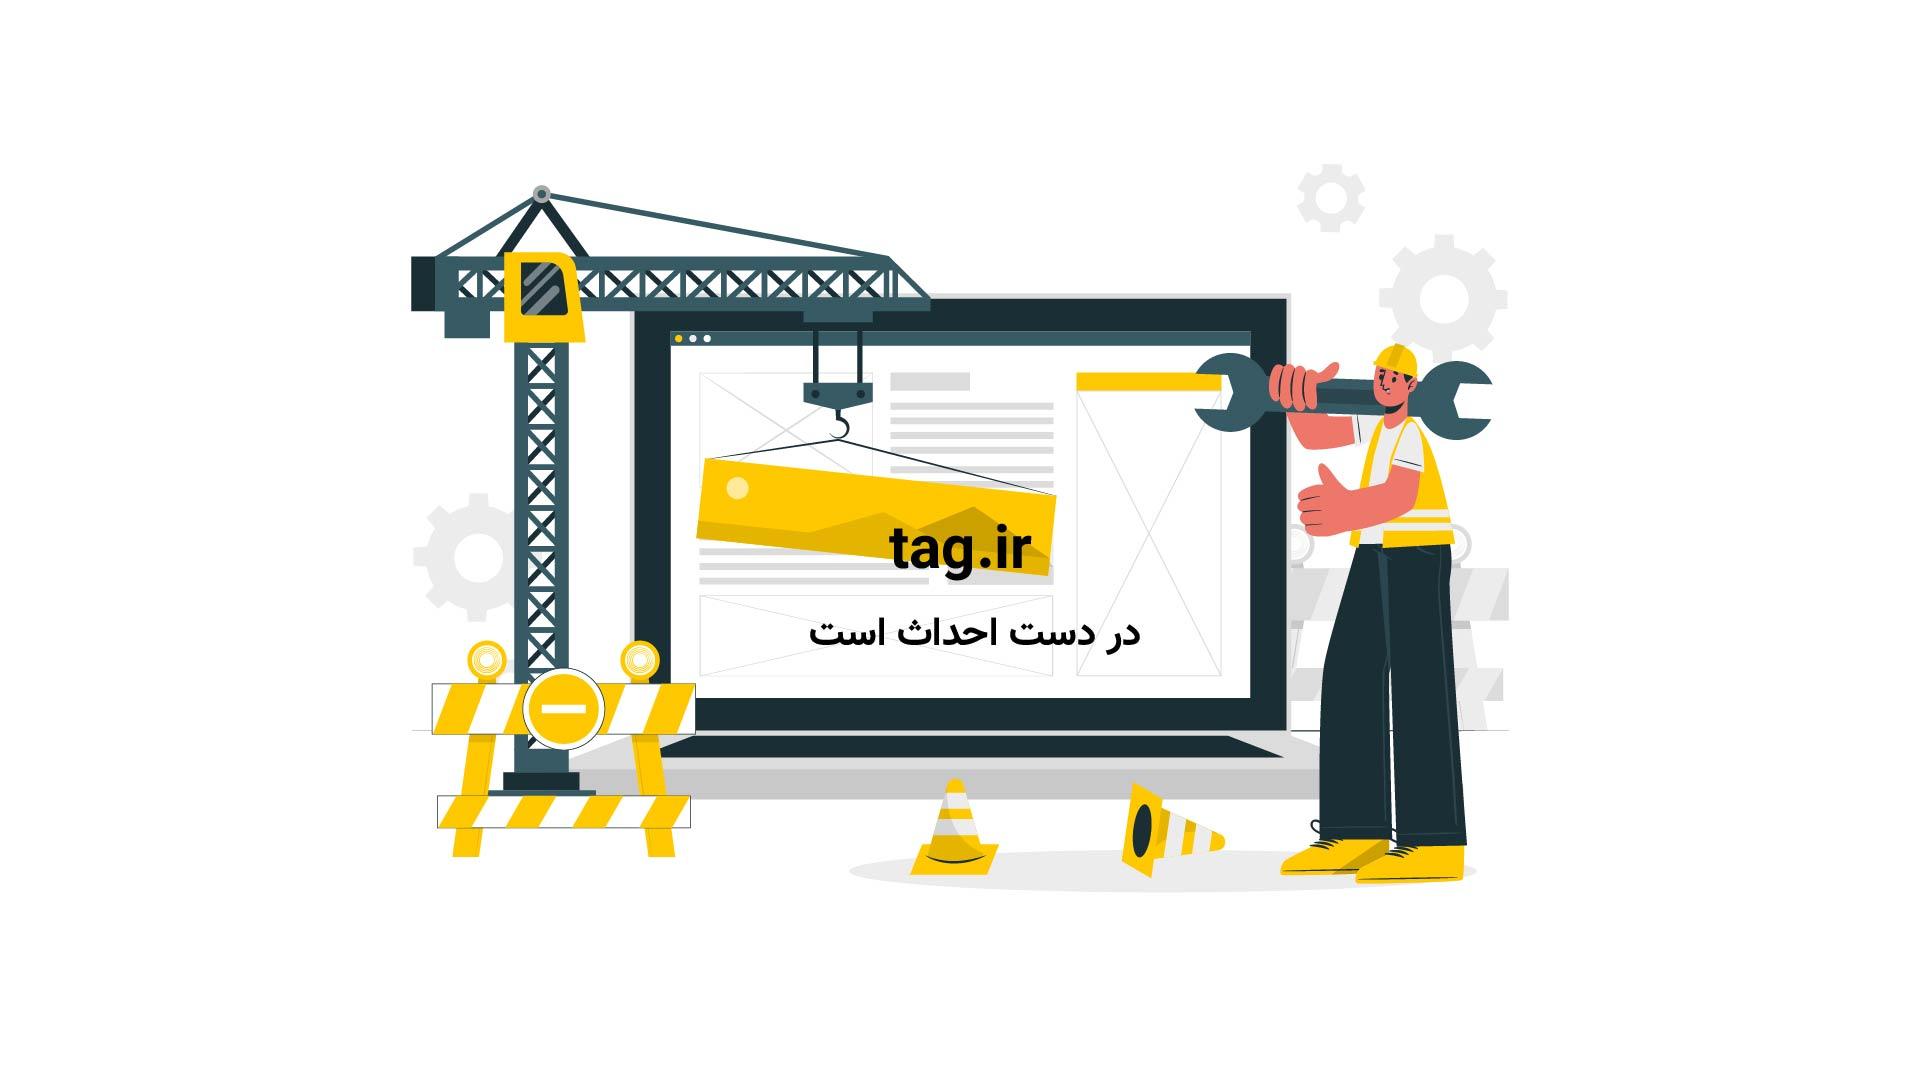 عبور-از-خیابان | تگ